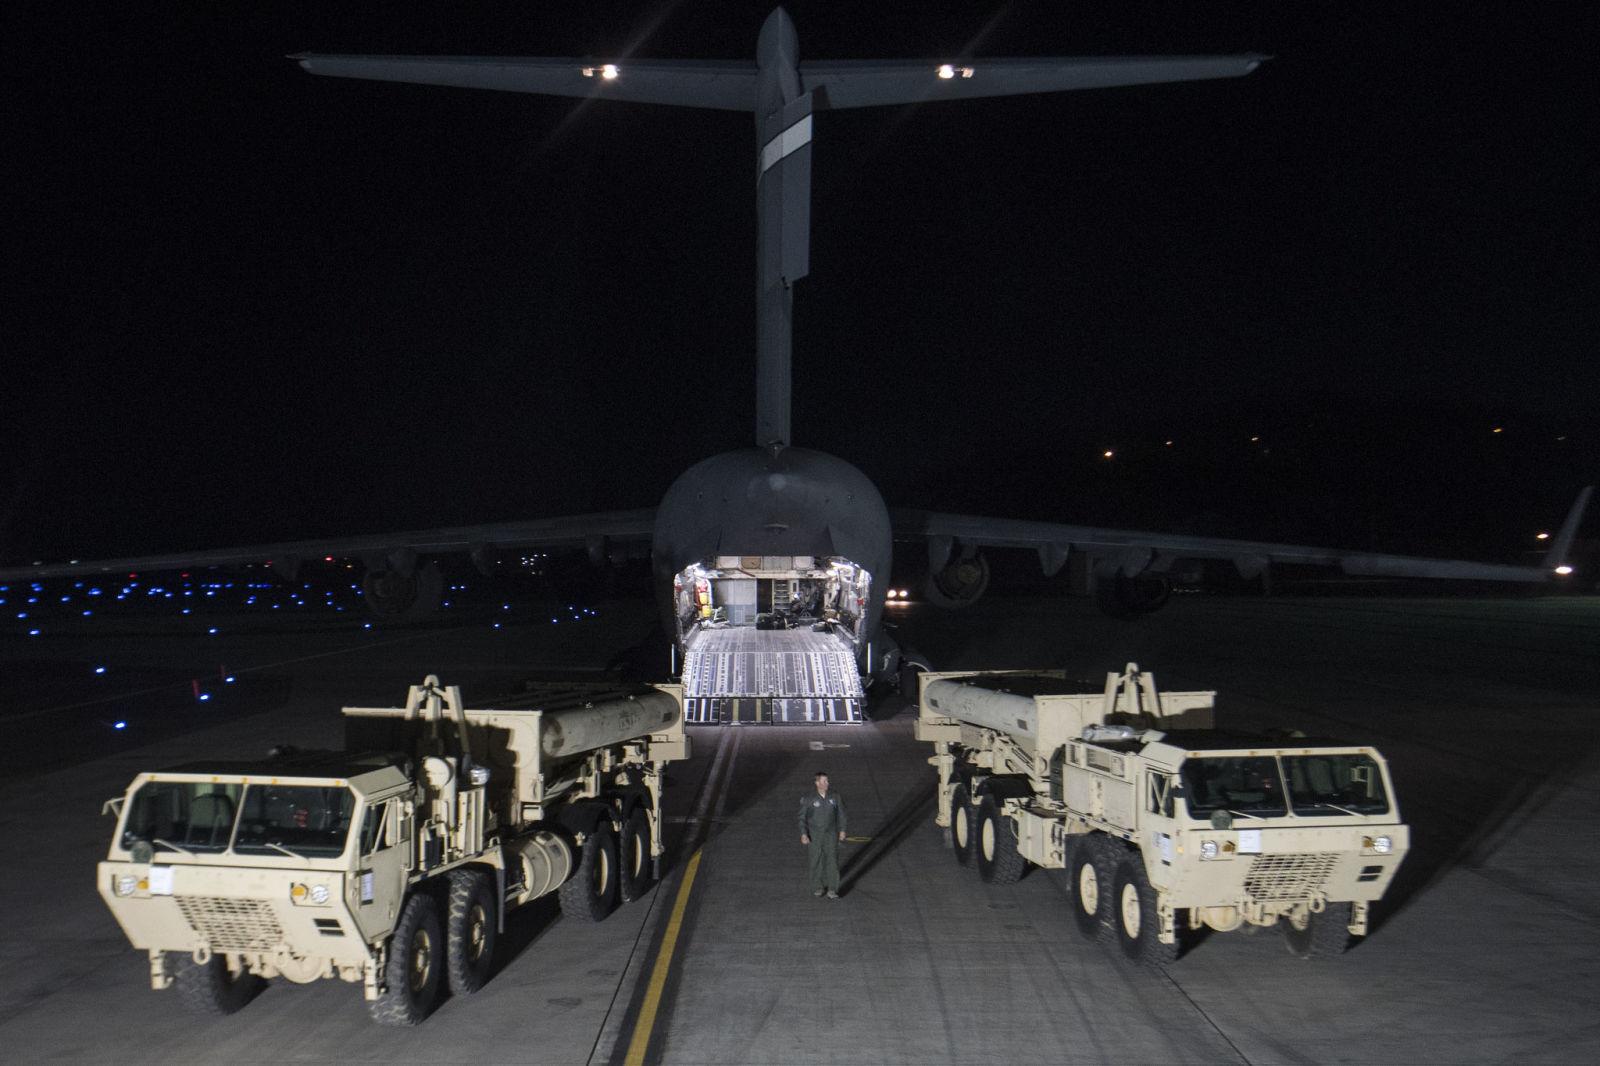 Các bộ phận đầu tiên của THAAD được chuyển đến căn cứ không quân Osan của Hàn Quốc vào đêm 6-3